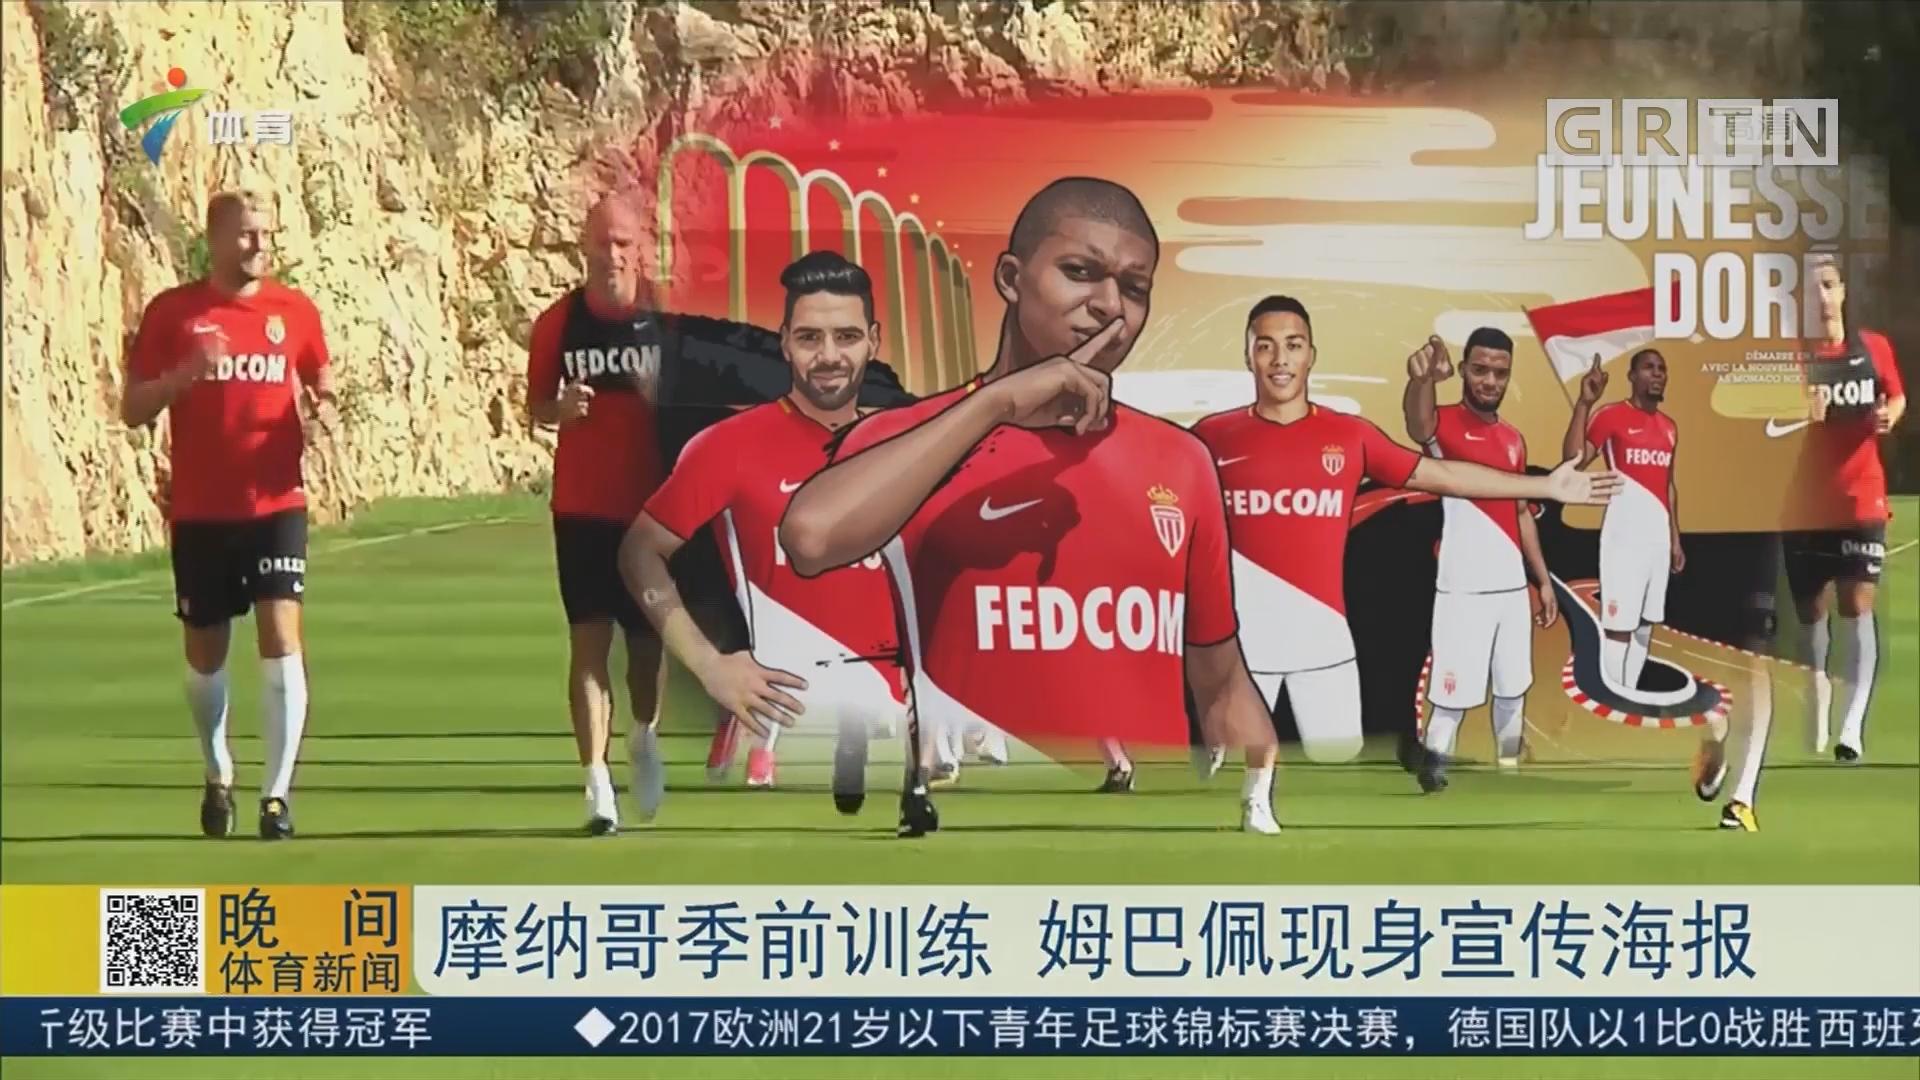 摩纳哥季前训练 姆巴佩现身宣传海报